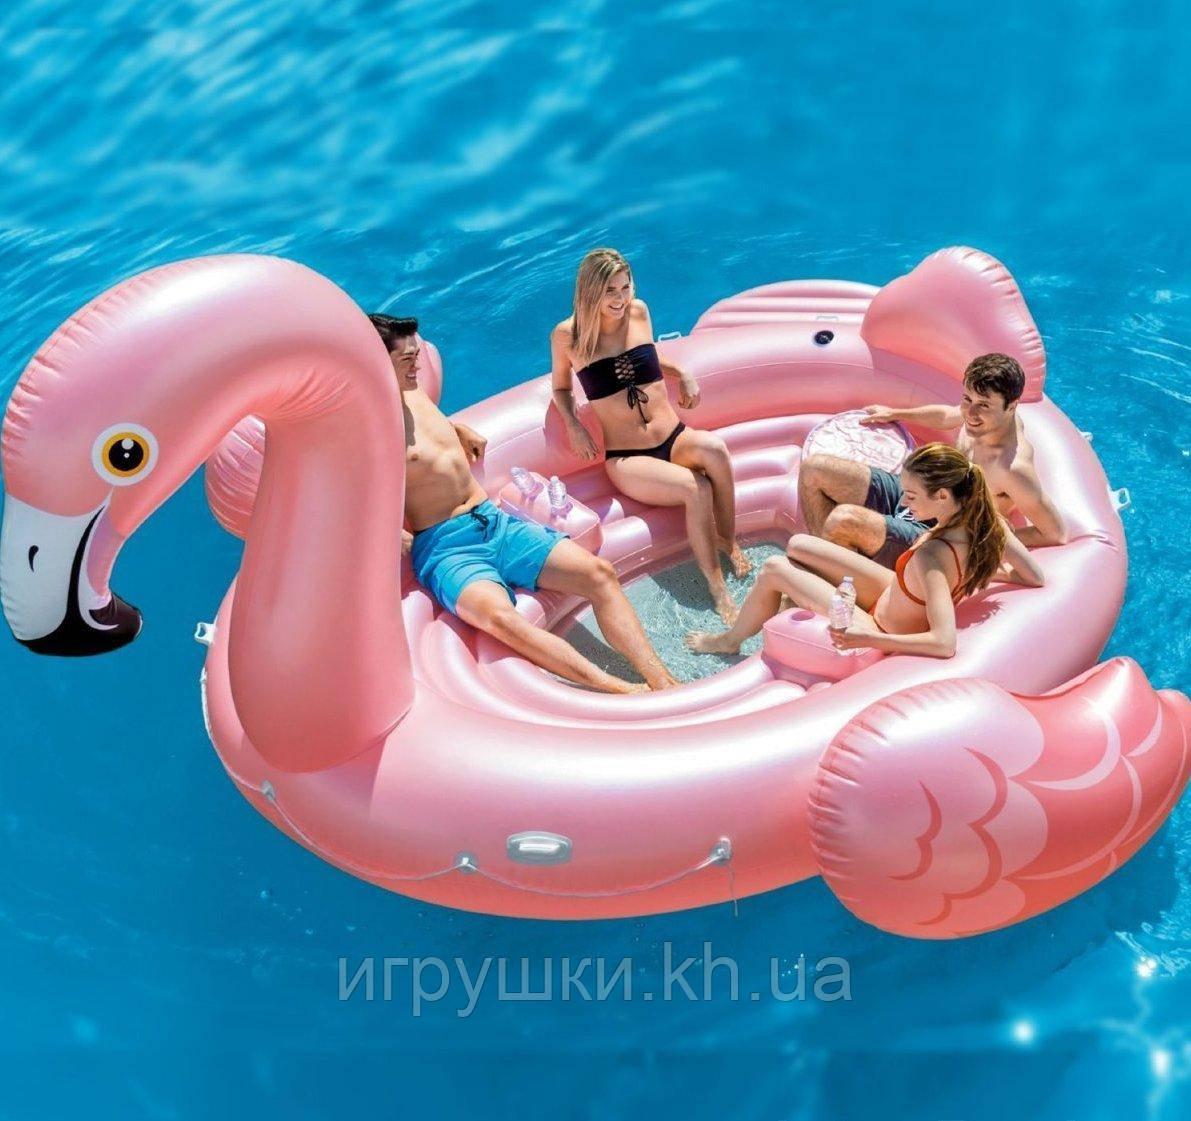 aa7e918f9610 Надувной плот для вечеринок Intex 57267 «Фламинго», 422 х 373 х 185 ...